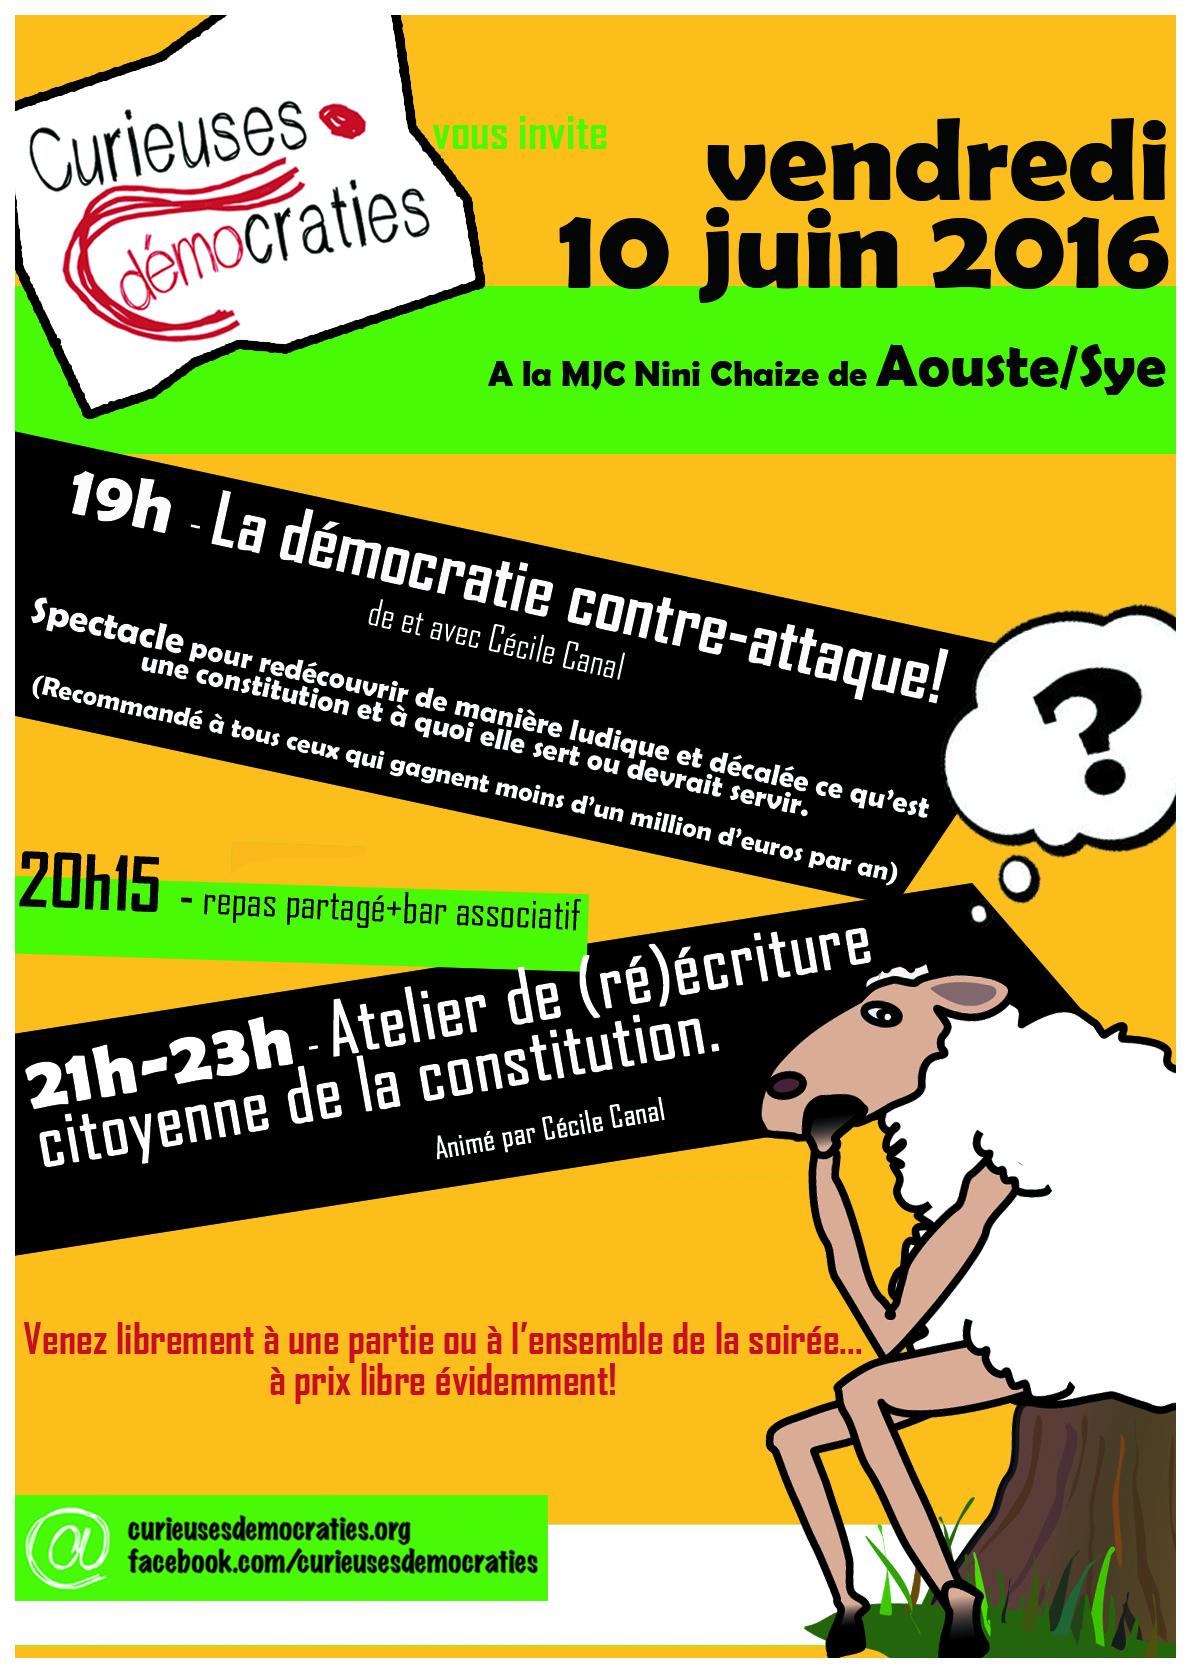 Curieuses Démocraties le 10 juin à la MJC Nini-Chaize.